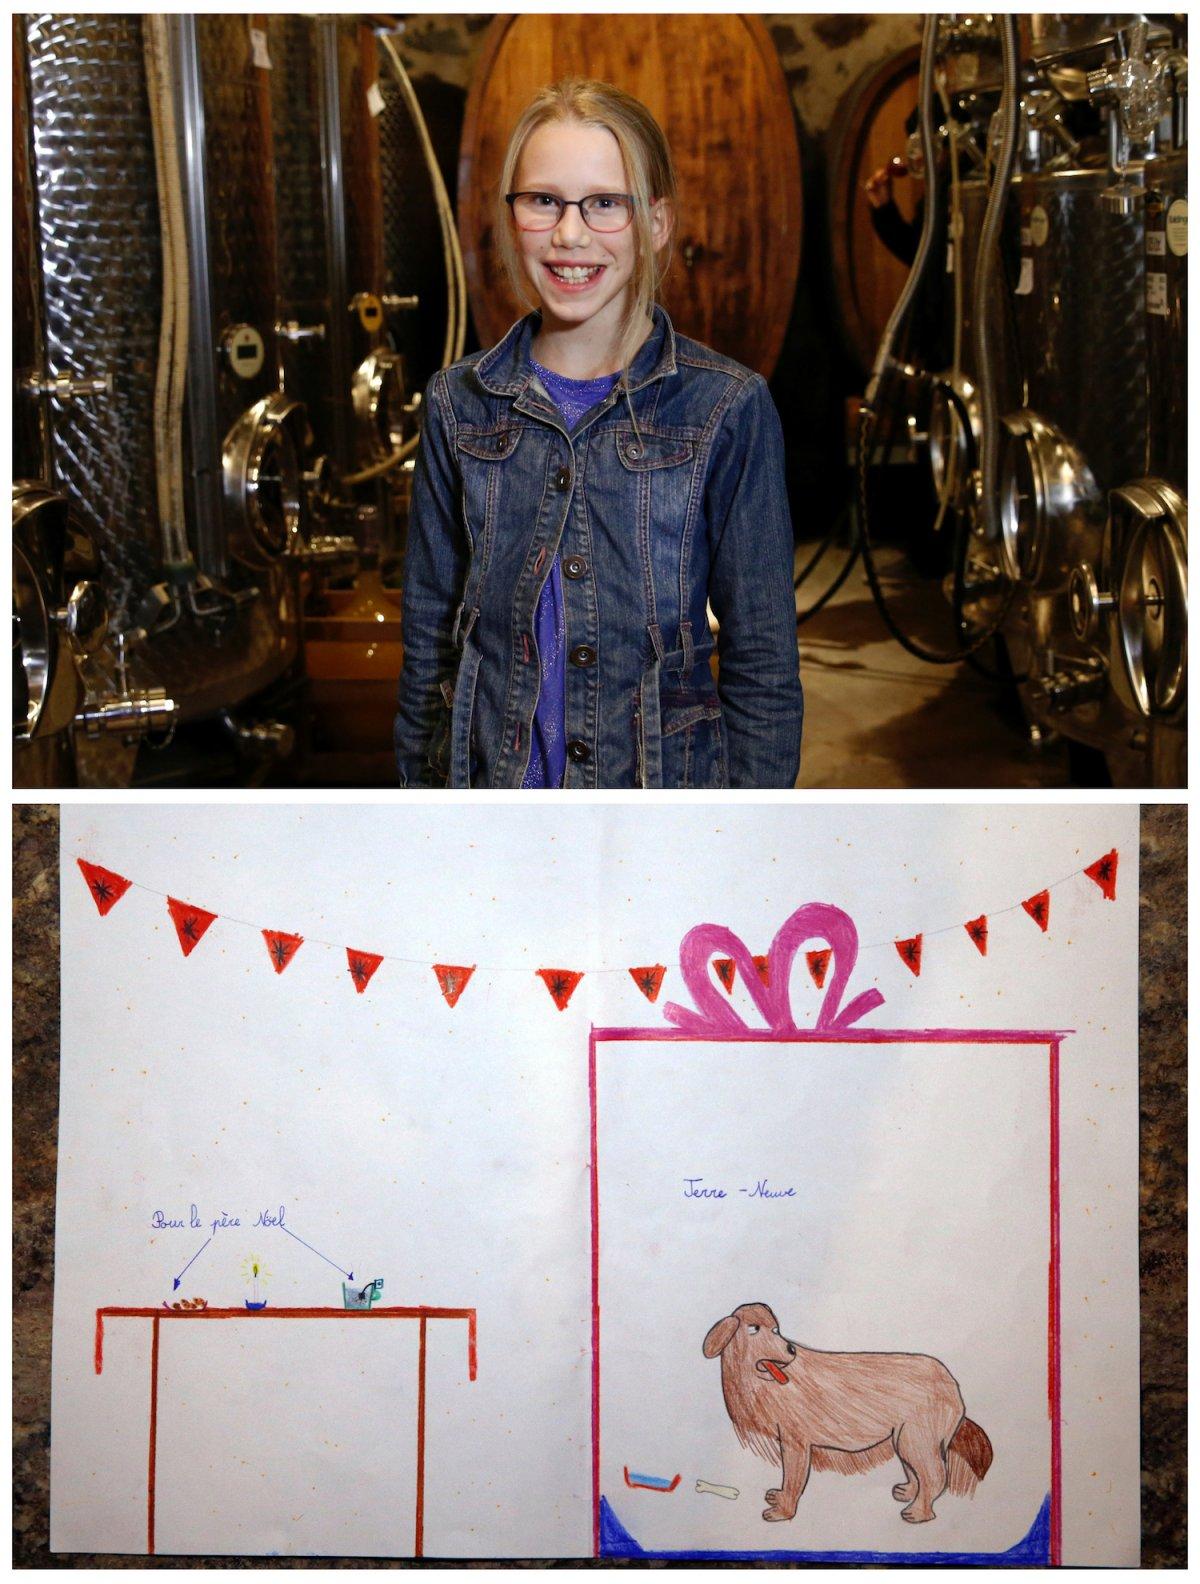 6. 11-летняя Клеманс из Швейцарии мечтает о собаке породы Ньюфаундленд.